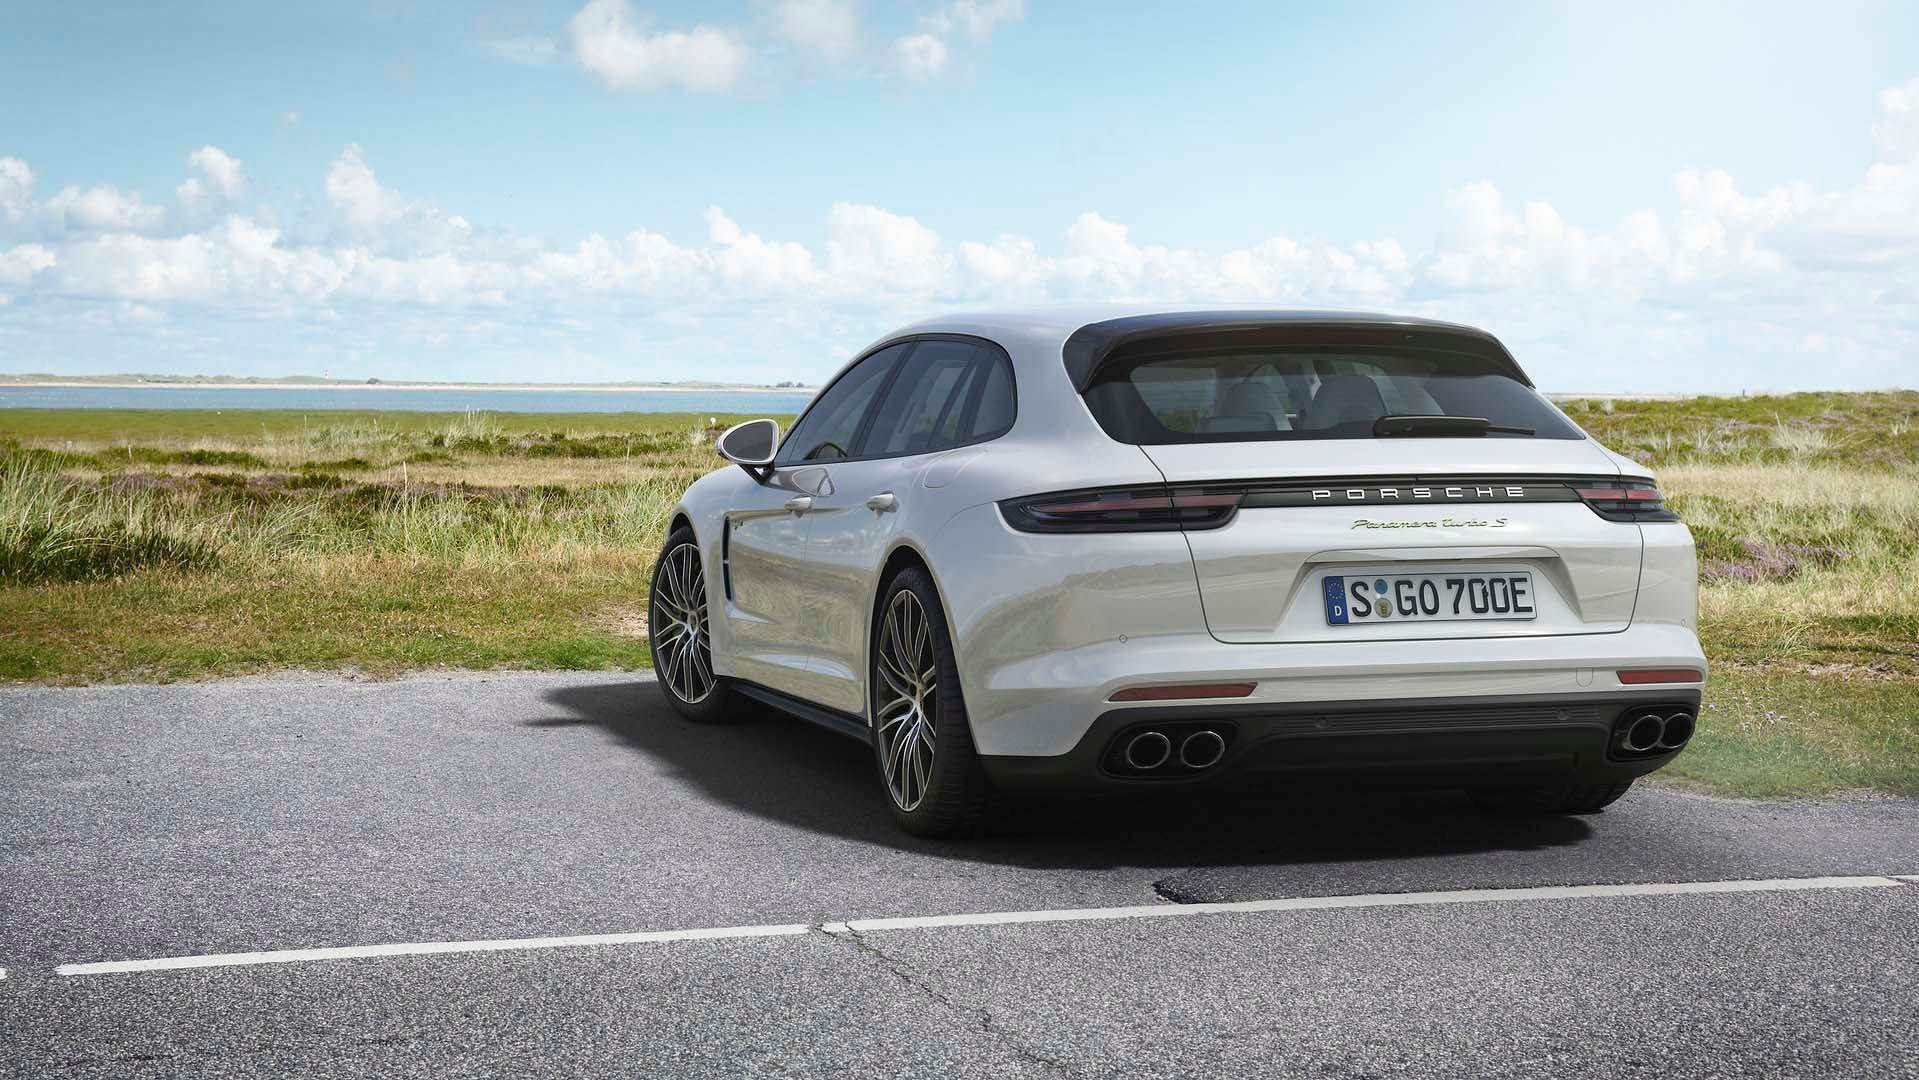 2018 Porsche Panamera Turbo S E Hybrid Sport Turismo Is A